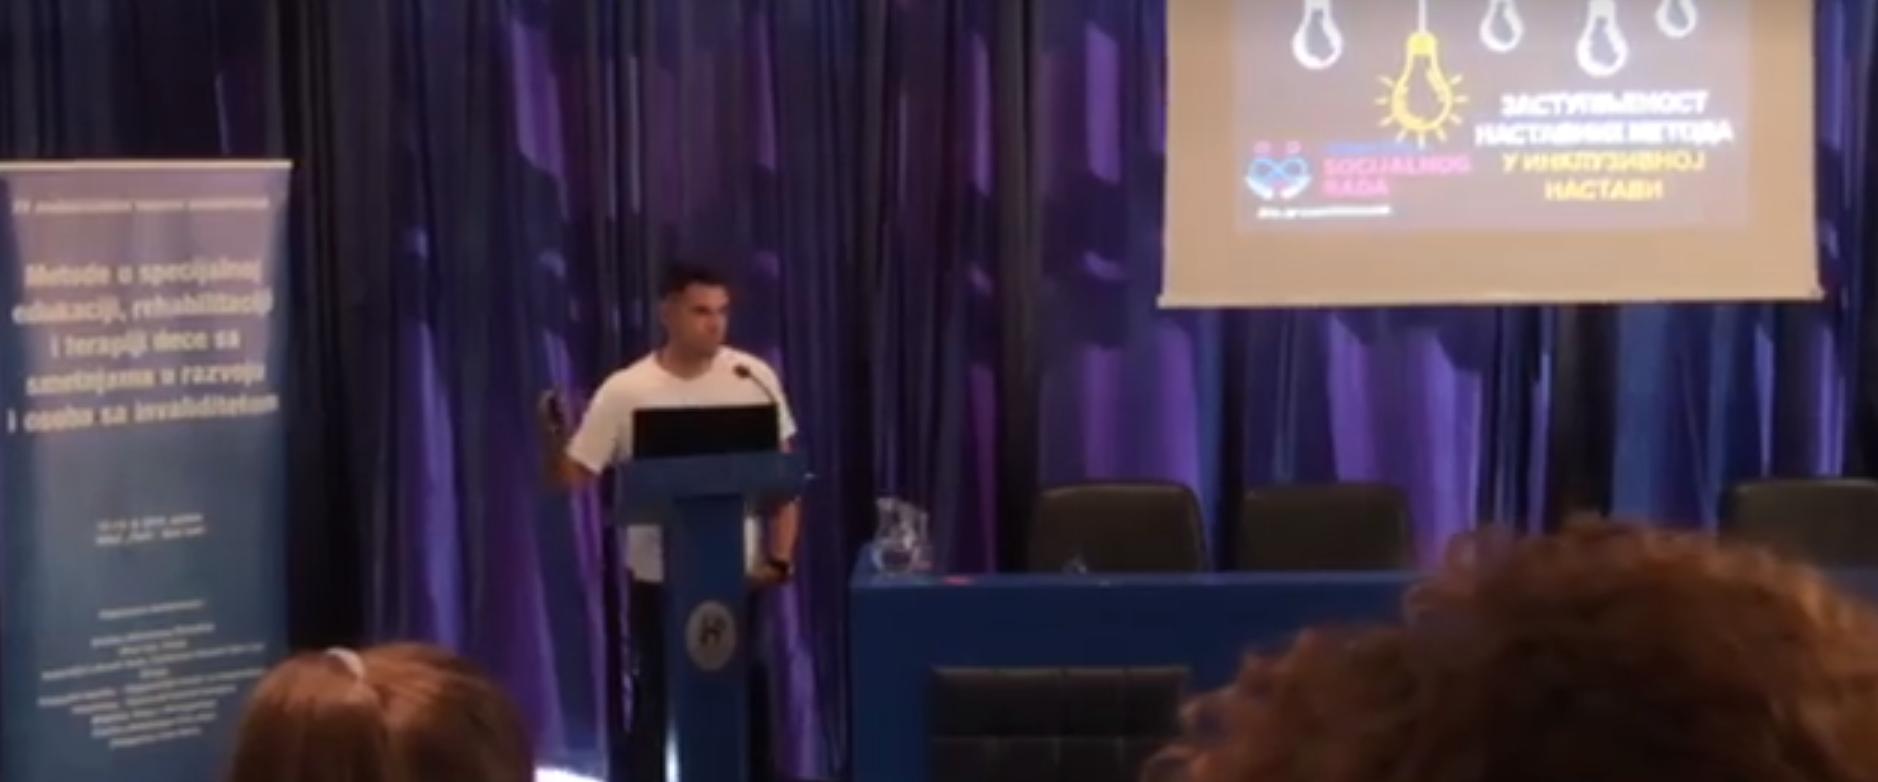 """Doc. dr Saša Stepanović na Međunarodnoj naučnoj konferenciji """"Metode u specijalnoj edukaciji, rehabilitaciji i terapiji dece sa smetnjama u razvoju i osaba sa invaliditetom"""""""